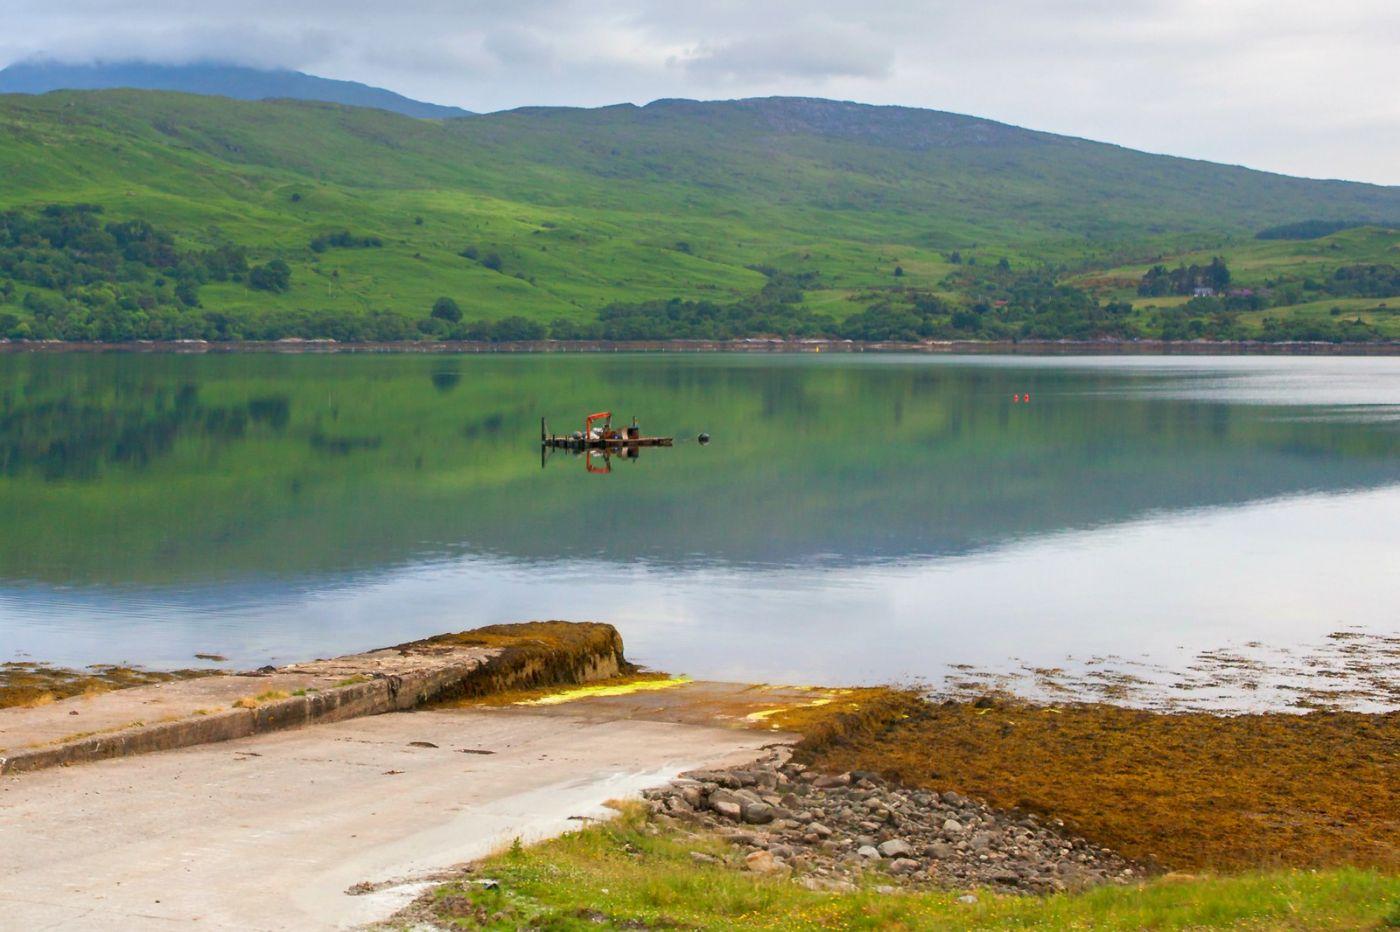 苏格兰美景,弯弯的沙滩_图1-40